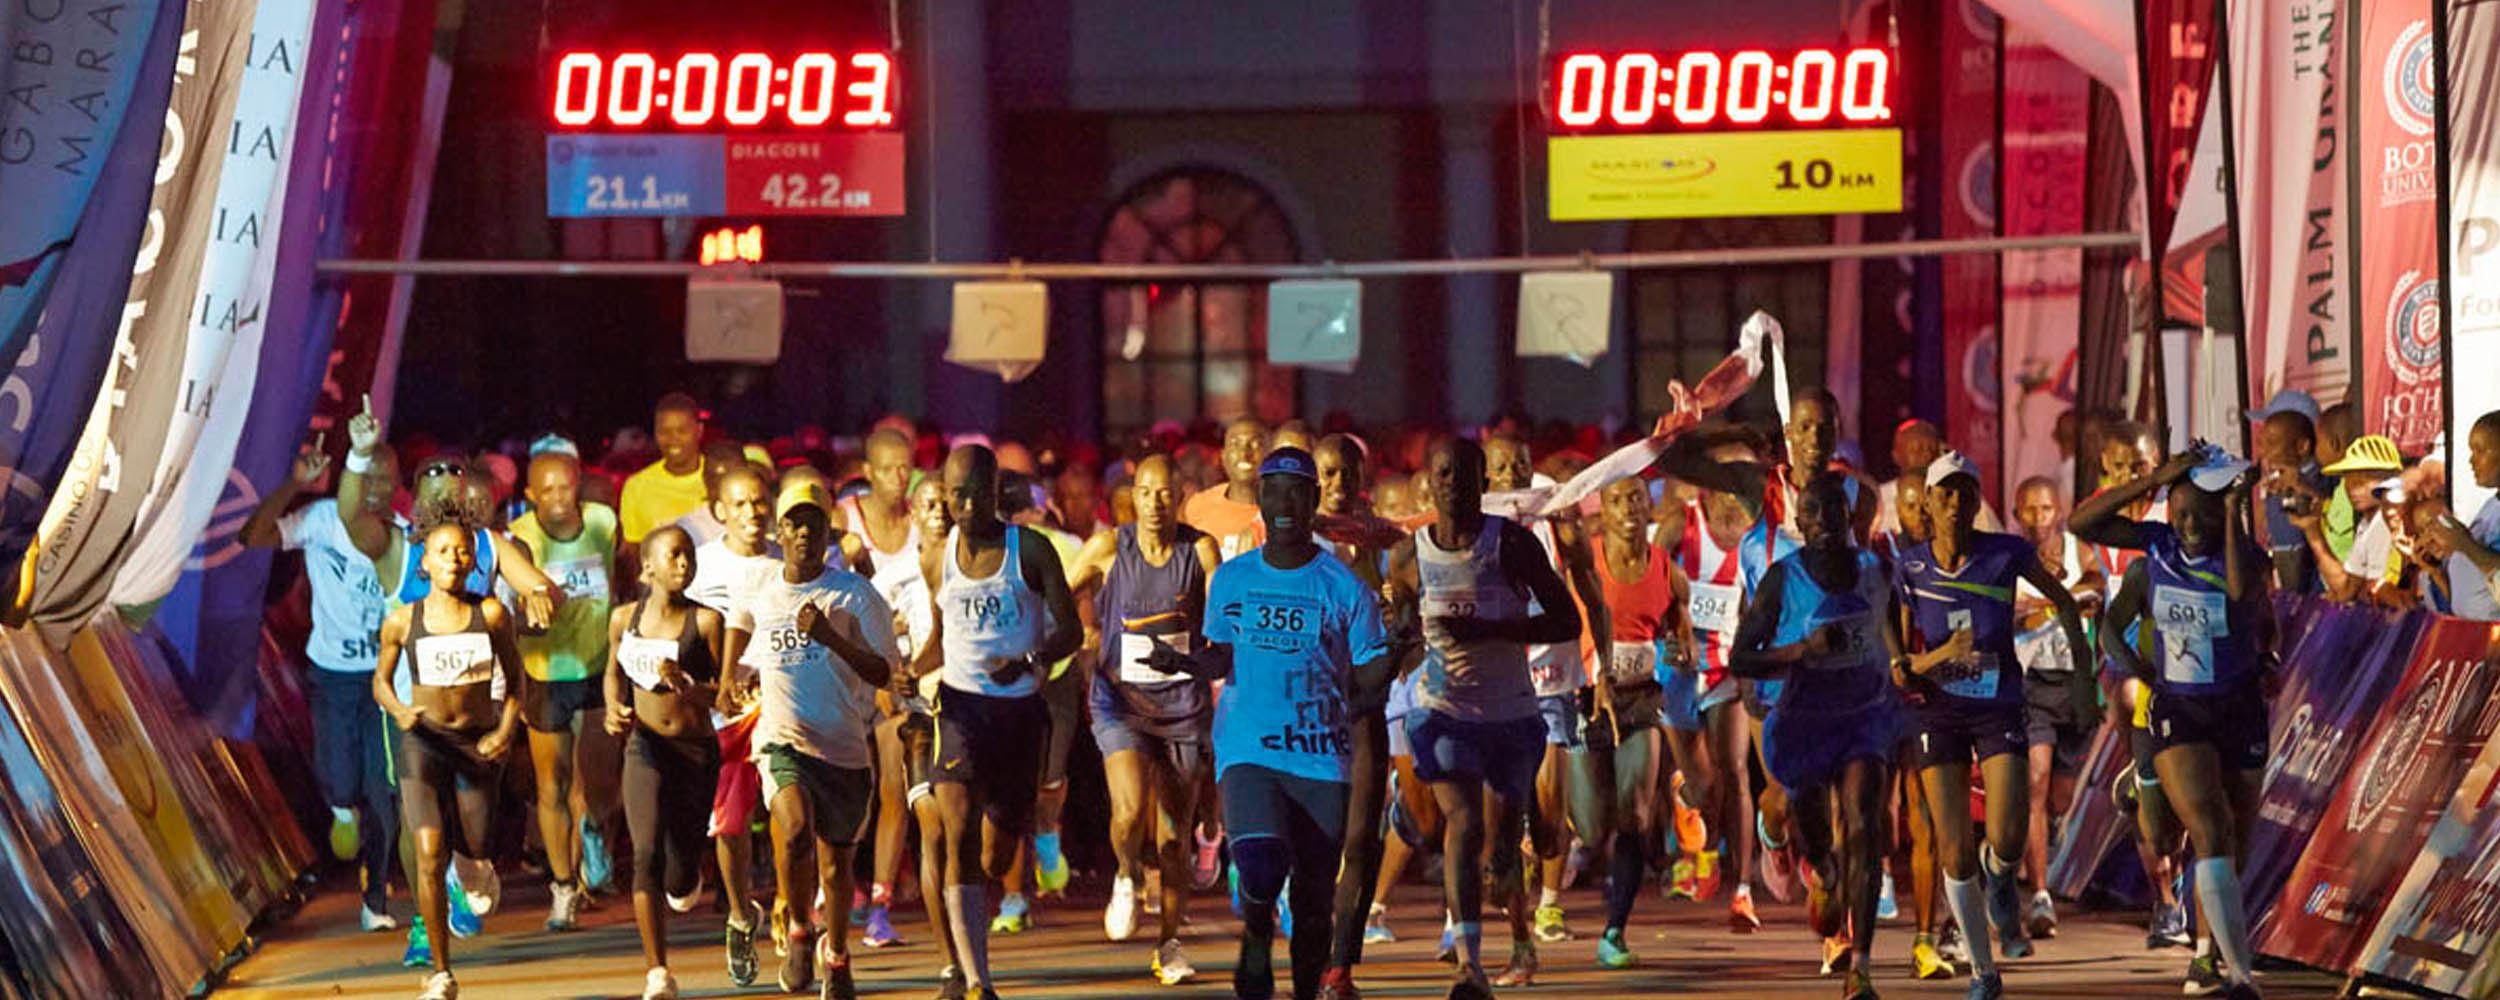 Alles over de Diacore Gaborone Marathon en hoe jij er aan mee kunt doen